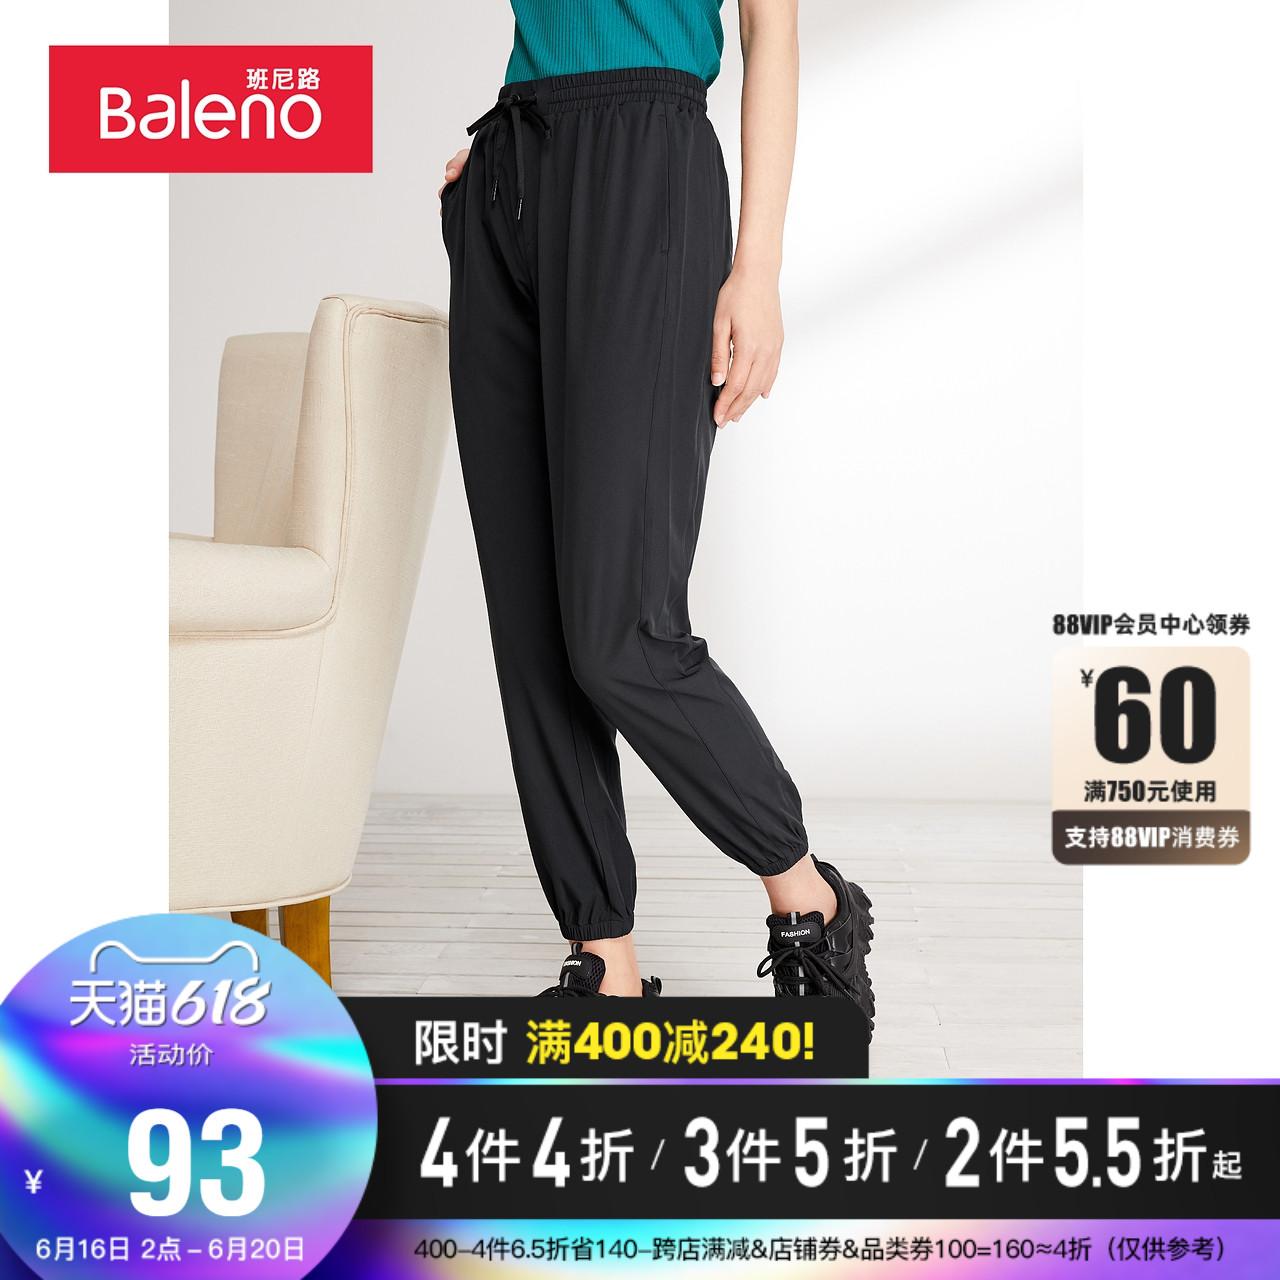 班尼路2021春夏新款弹力运动休闲运动针织裤女卫裤薄款轻便哈伦裤